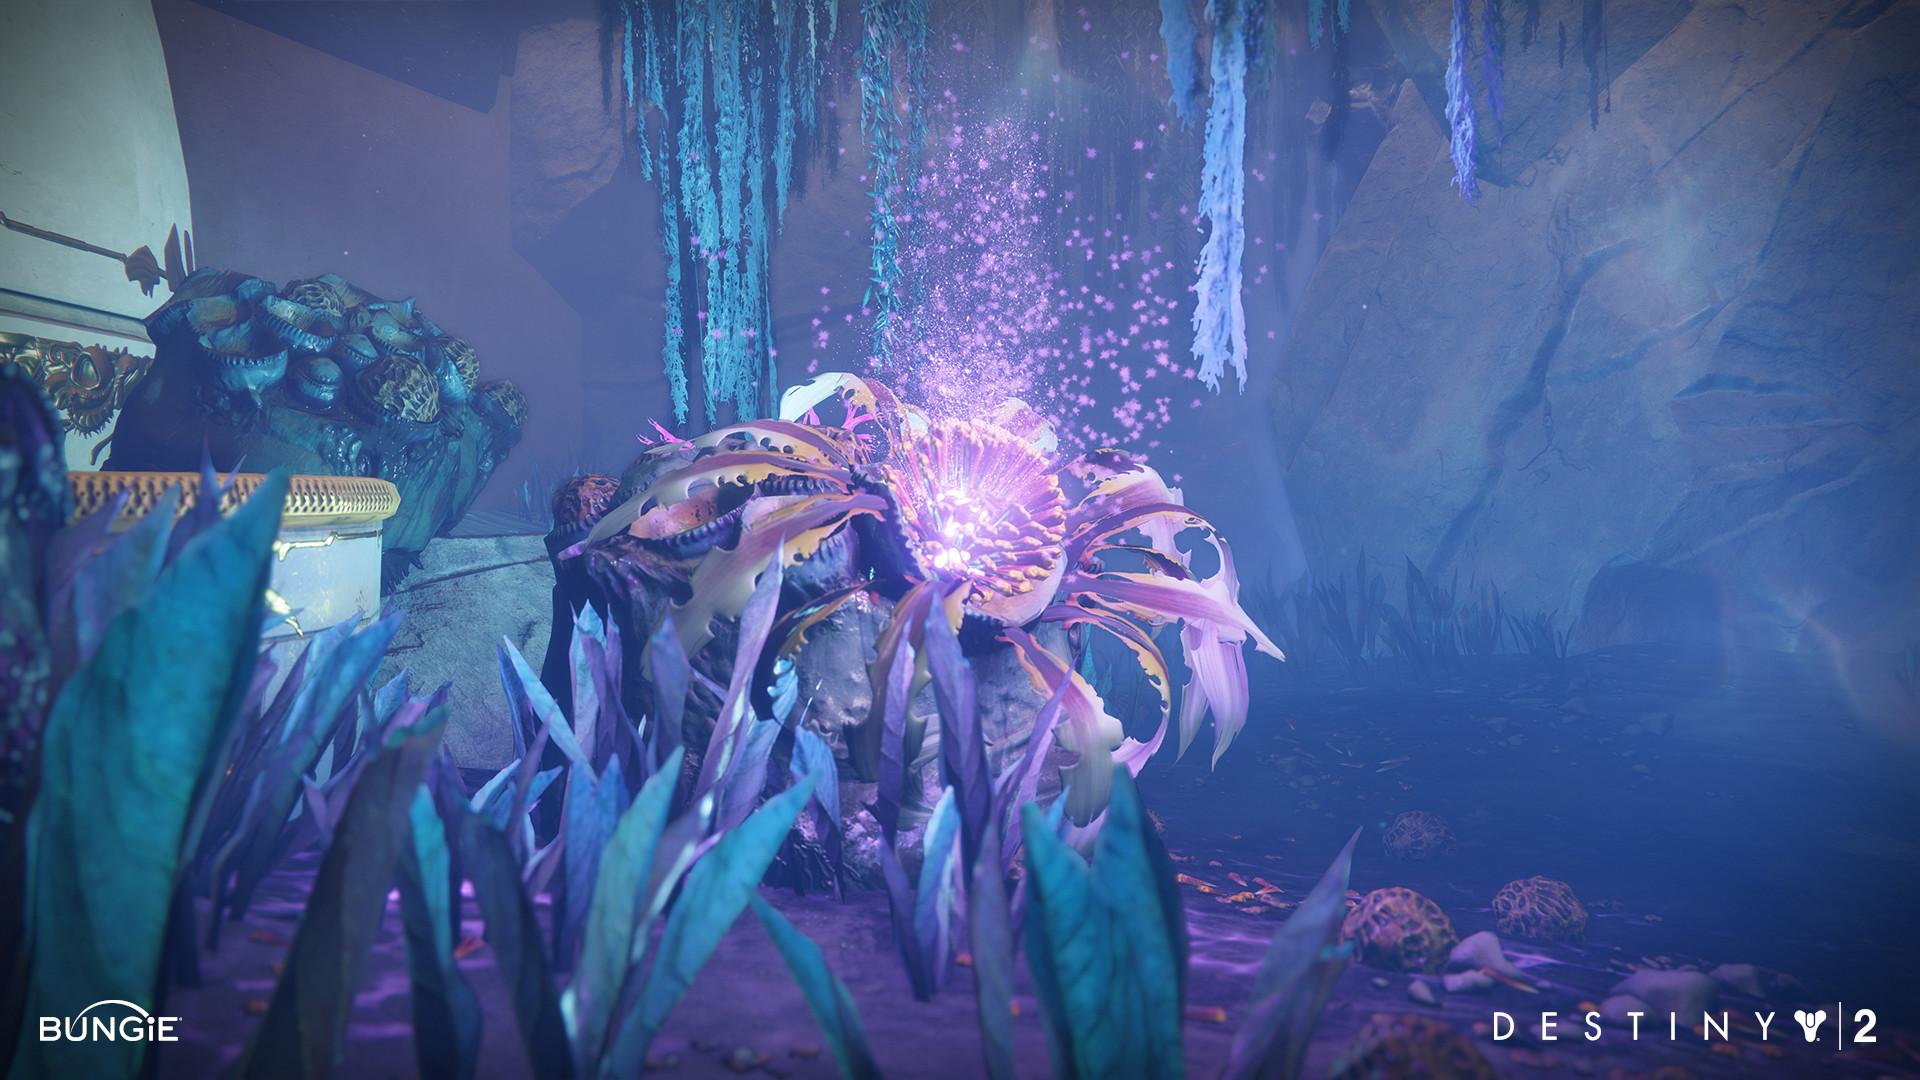 Destiny 2 Leviathan Raid Artwork | True Gaming